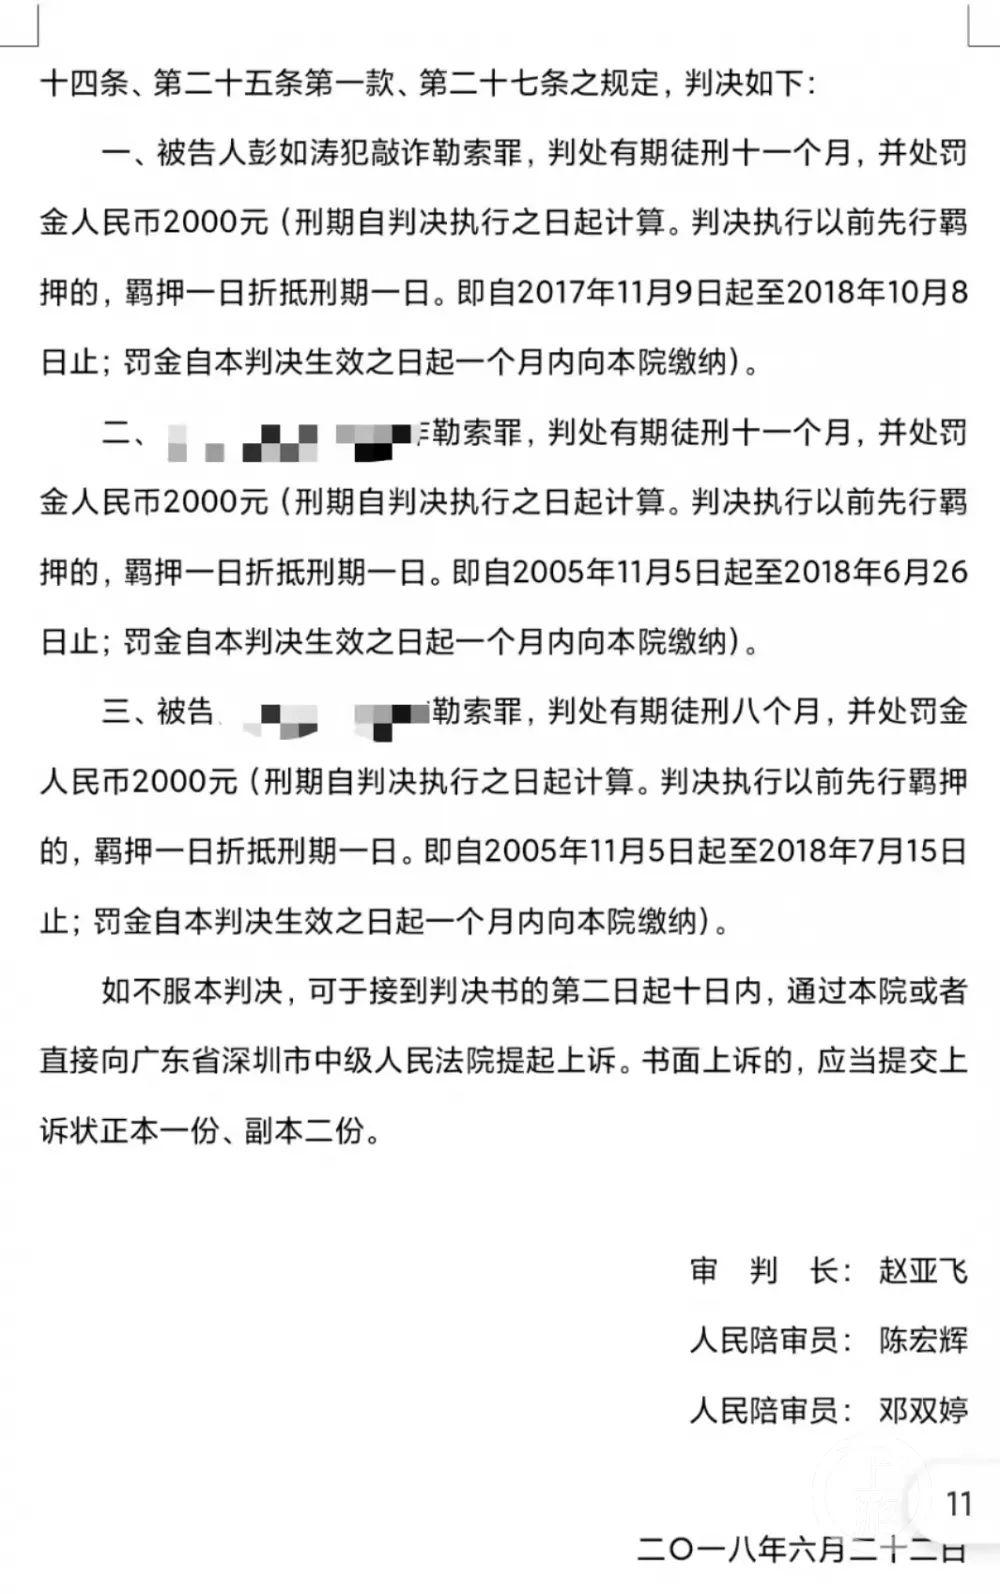 警方证实,彭建峰曾有两套户籍信息,彭如涛也是他,曾犯敲诈勒索罪获刑。/上游新闻记者 沈度